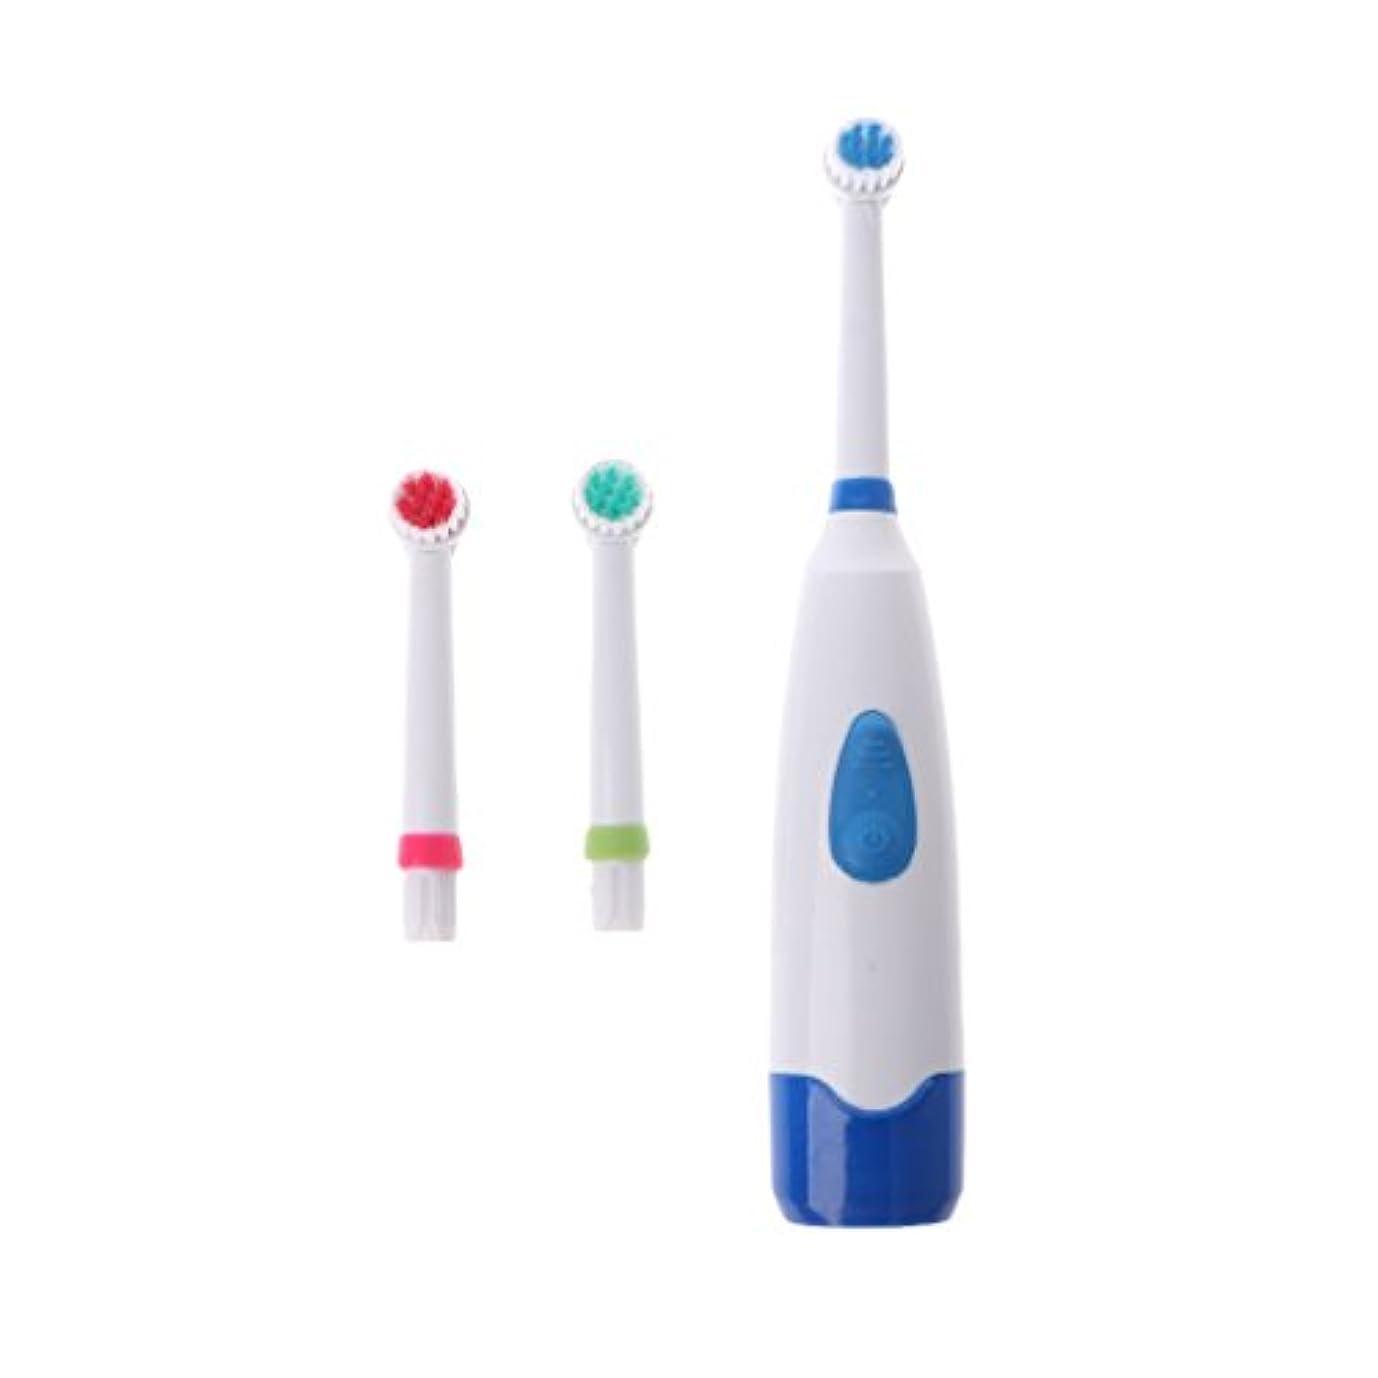 縞模様の疲れたラッチManyao 3ブラシヘッドで防水回転電動歯ブラシ (青)